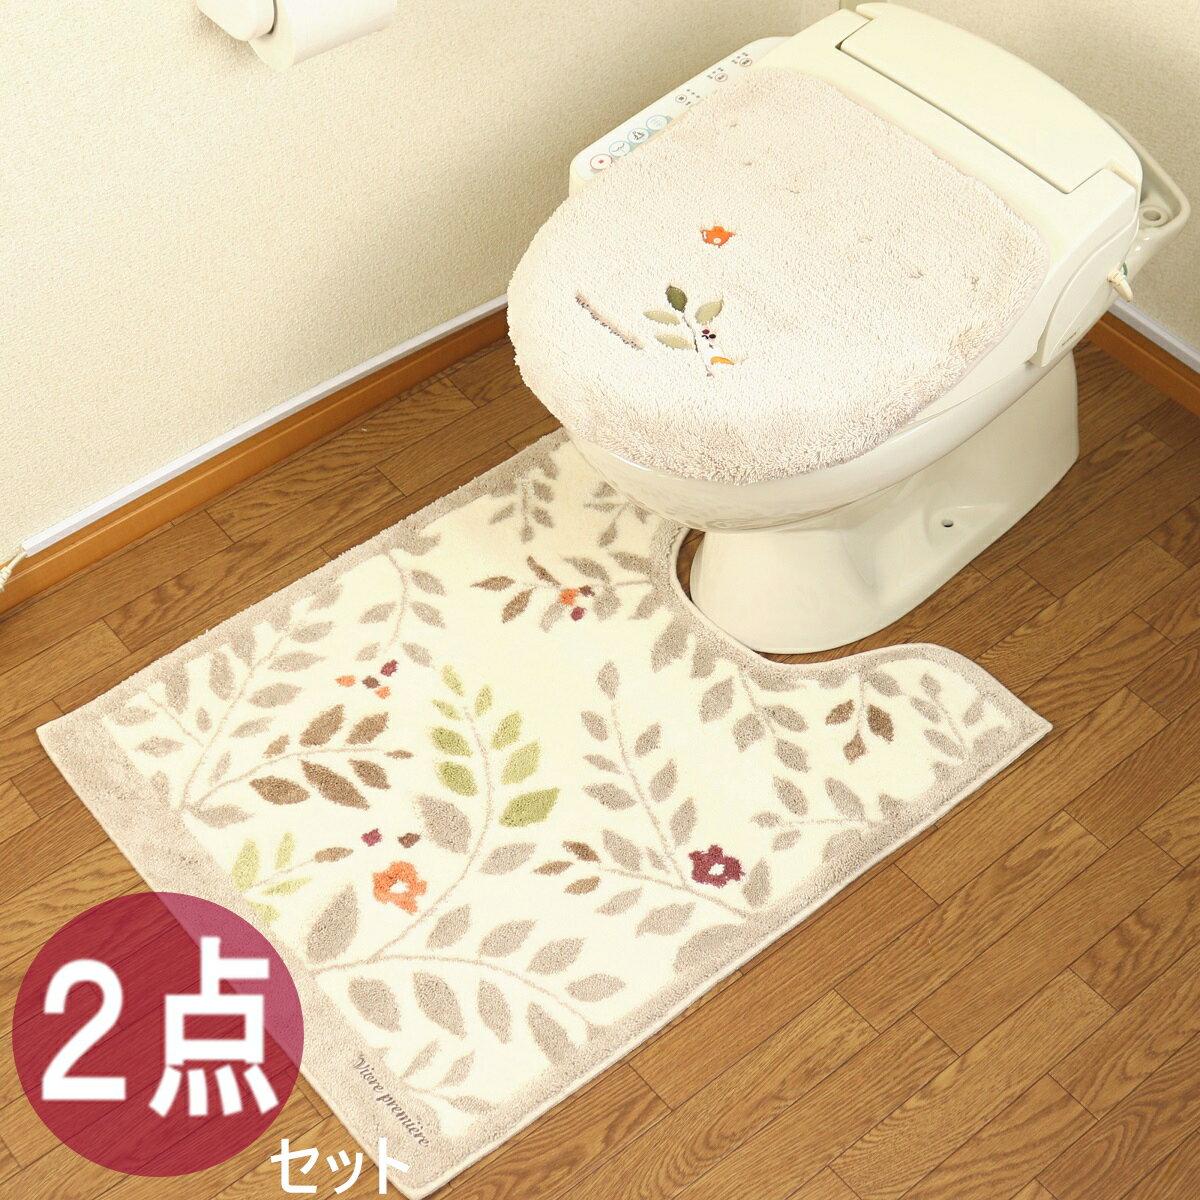 ロングトイレマット セット 2点 グレー 洗浄暖房・普通便座共用型 北欧 おしゃれ かわいい 花 緑 フラワー オカ サンリーフ